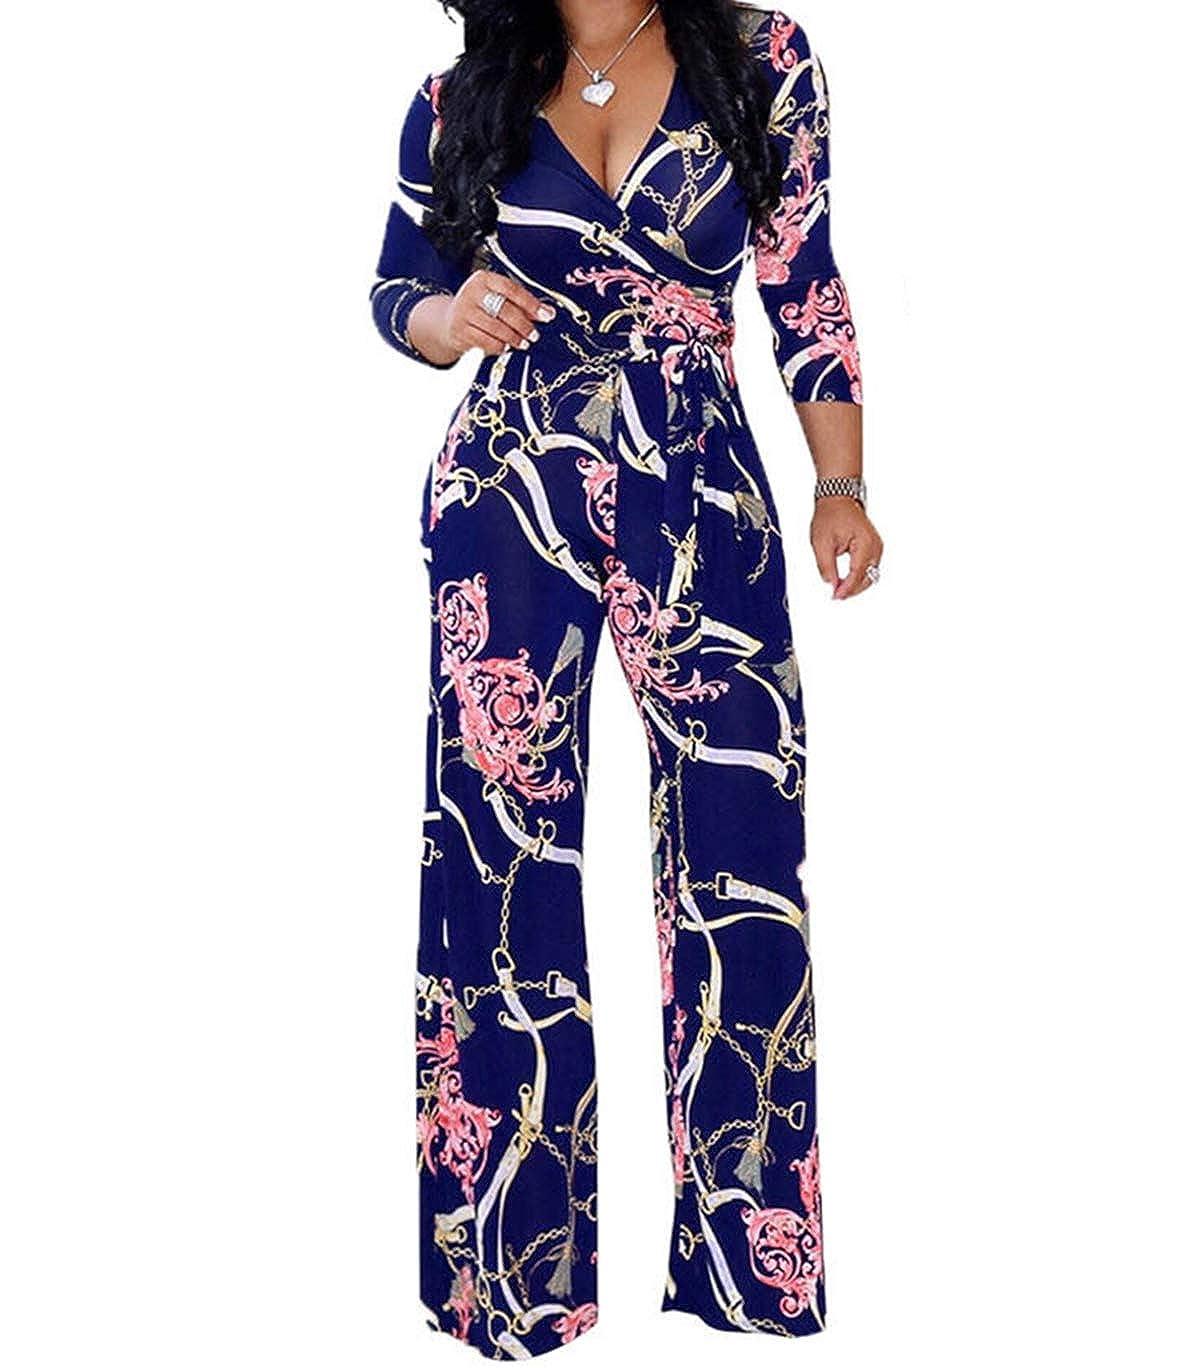 Harri me Womens Jumpsuits Long Sleeve Floral Print Wide Leg Pants Jumpsuit